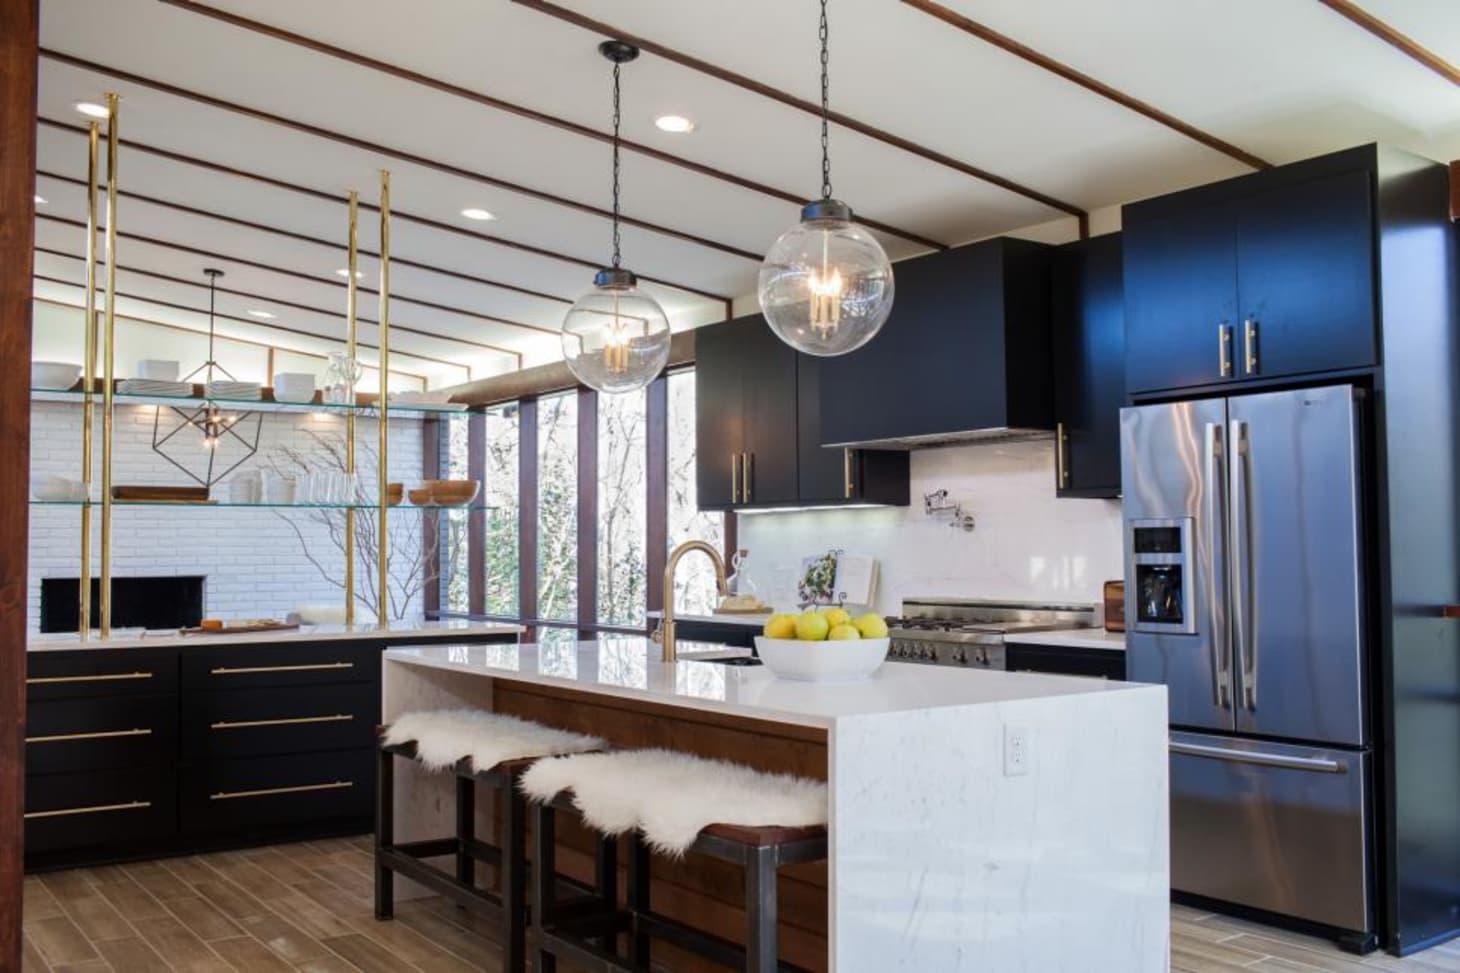 Best Fixer Upper Kitchen Renovations | Kitchn